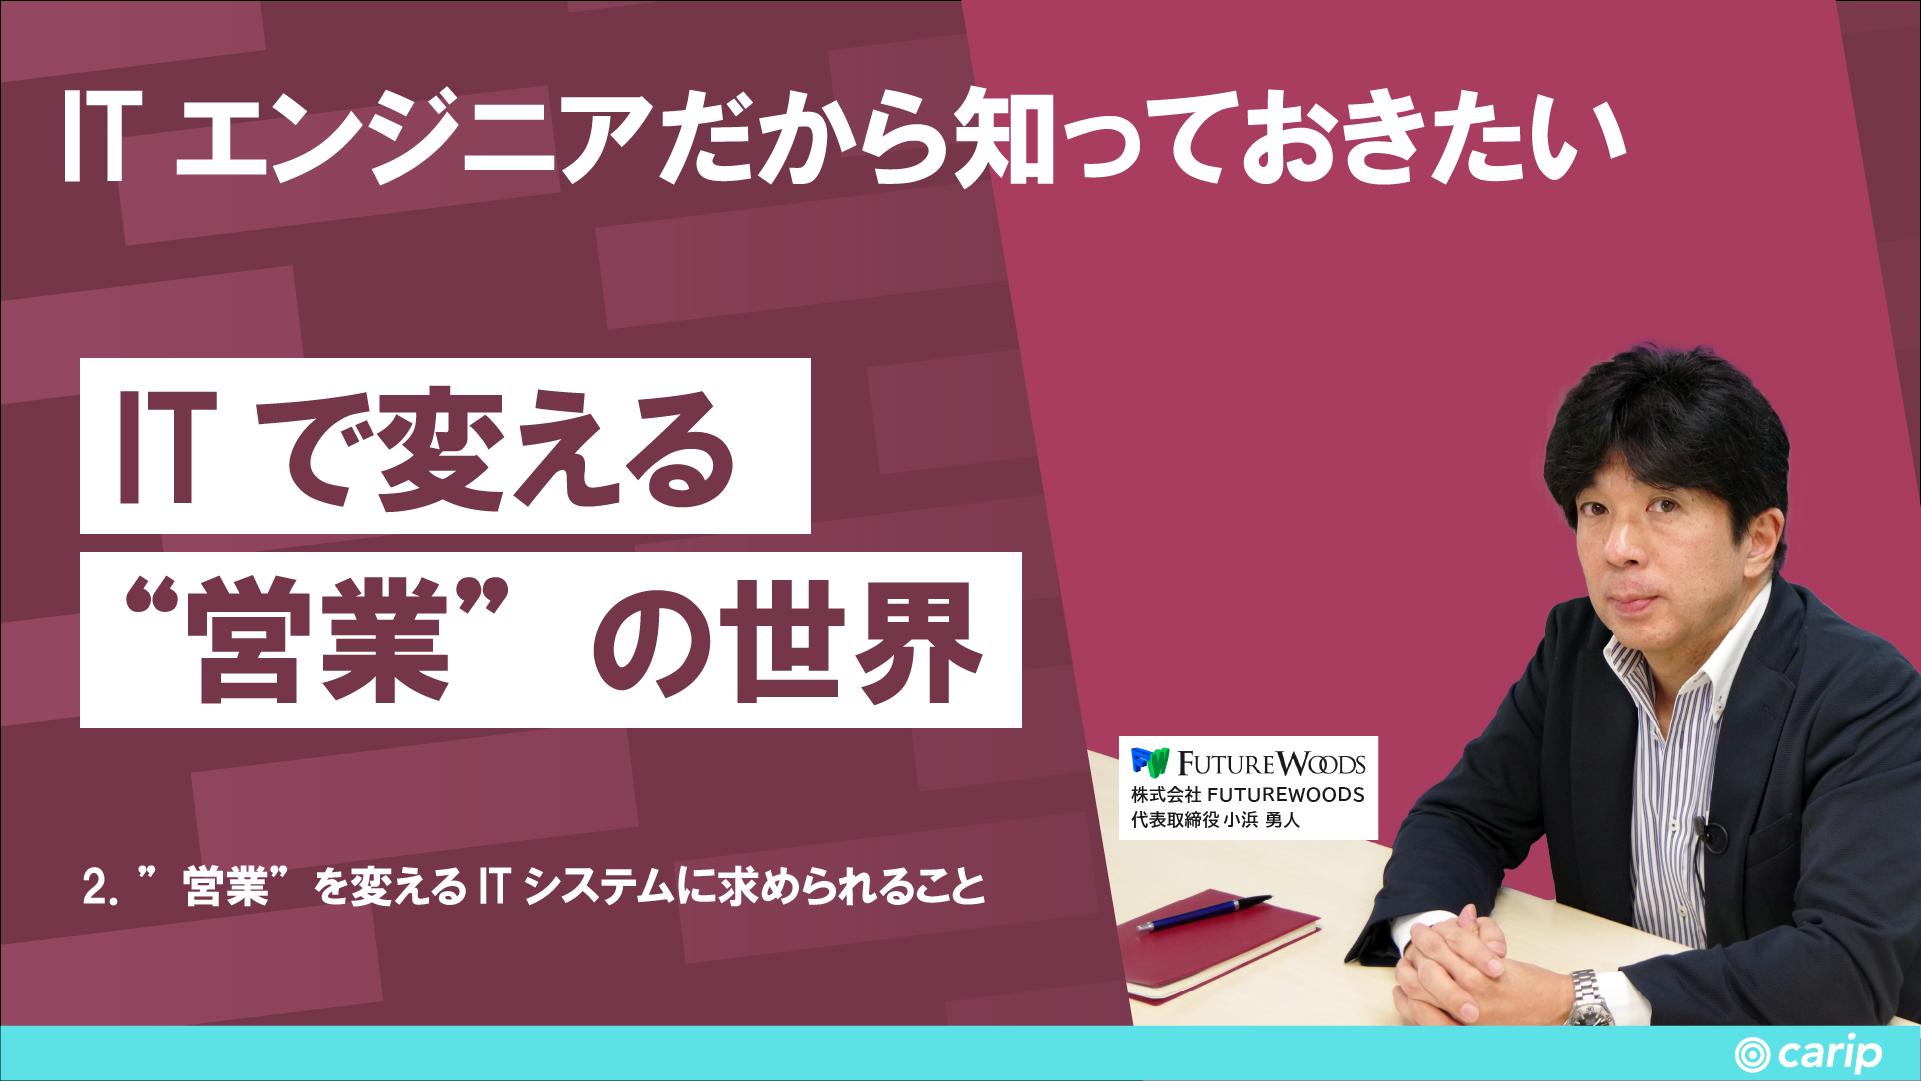 """2.""""営業""""を変えるITシステムに求められること"""